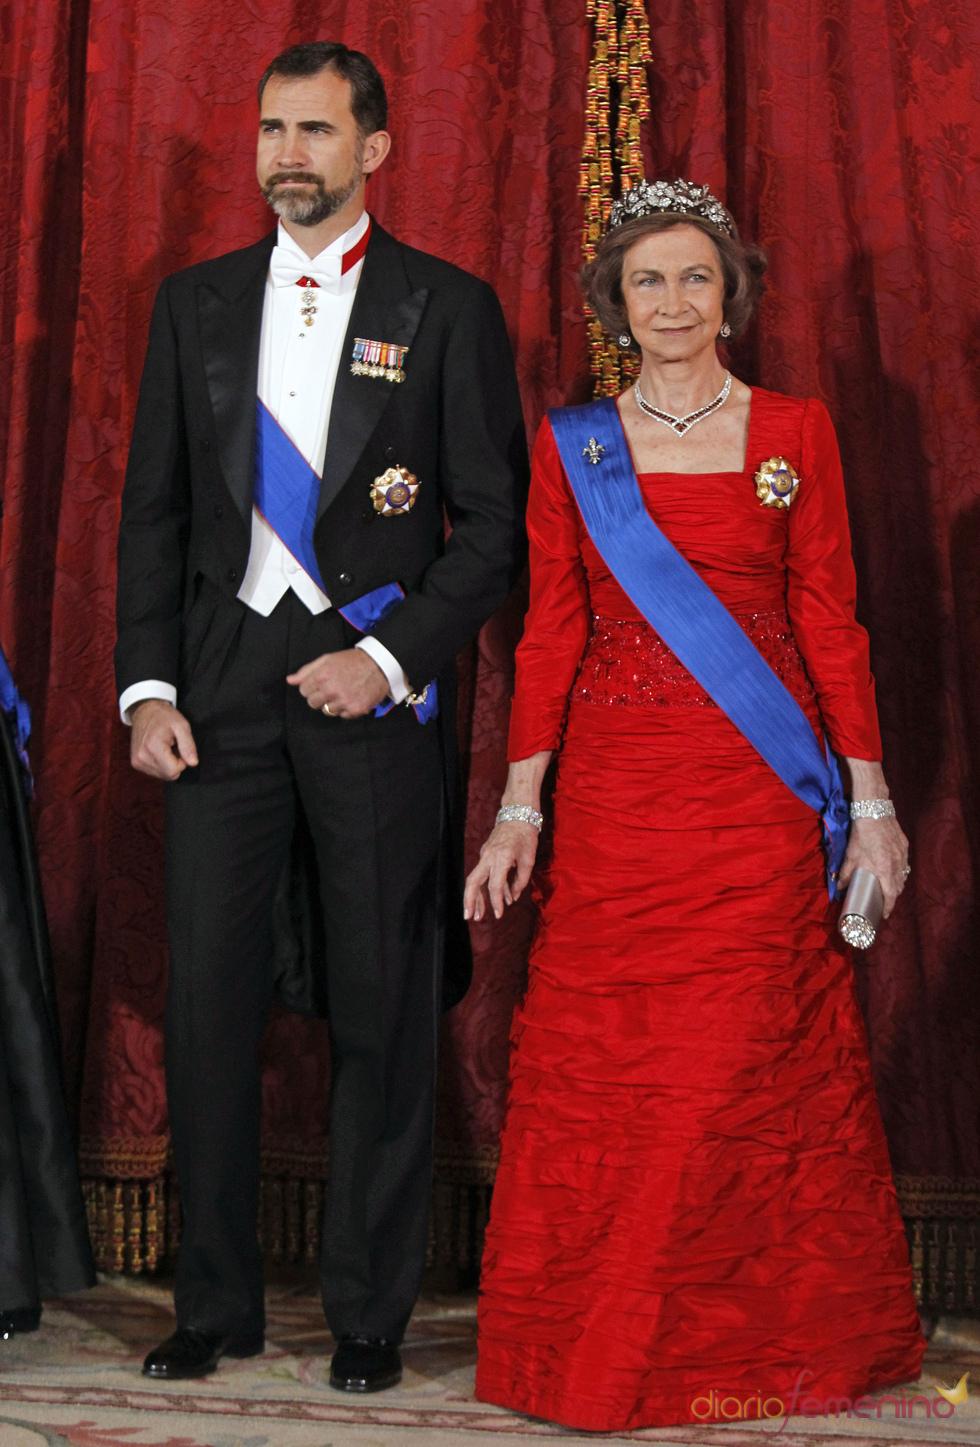 La Reina Sofía y el Príncipe Felipe en la cena en honor al Presidente de Chile